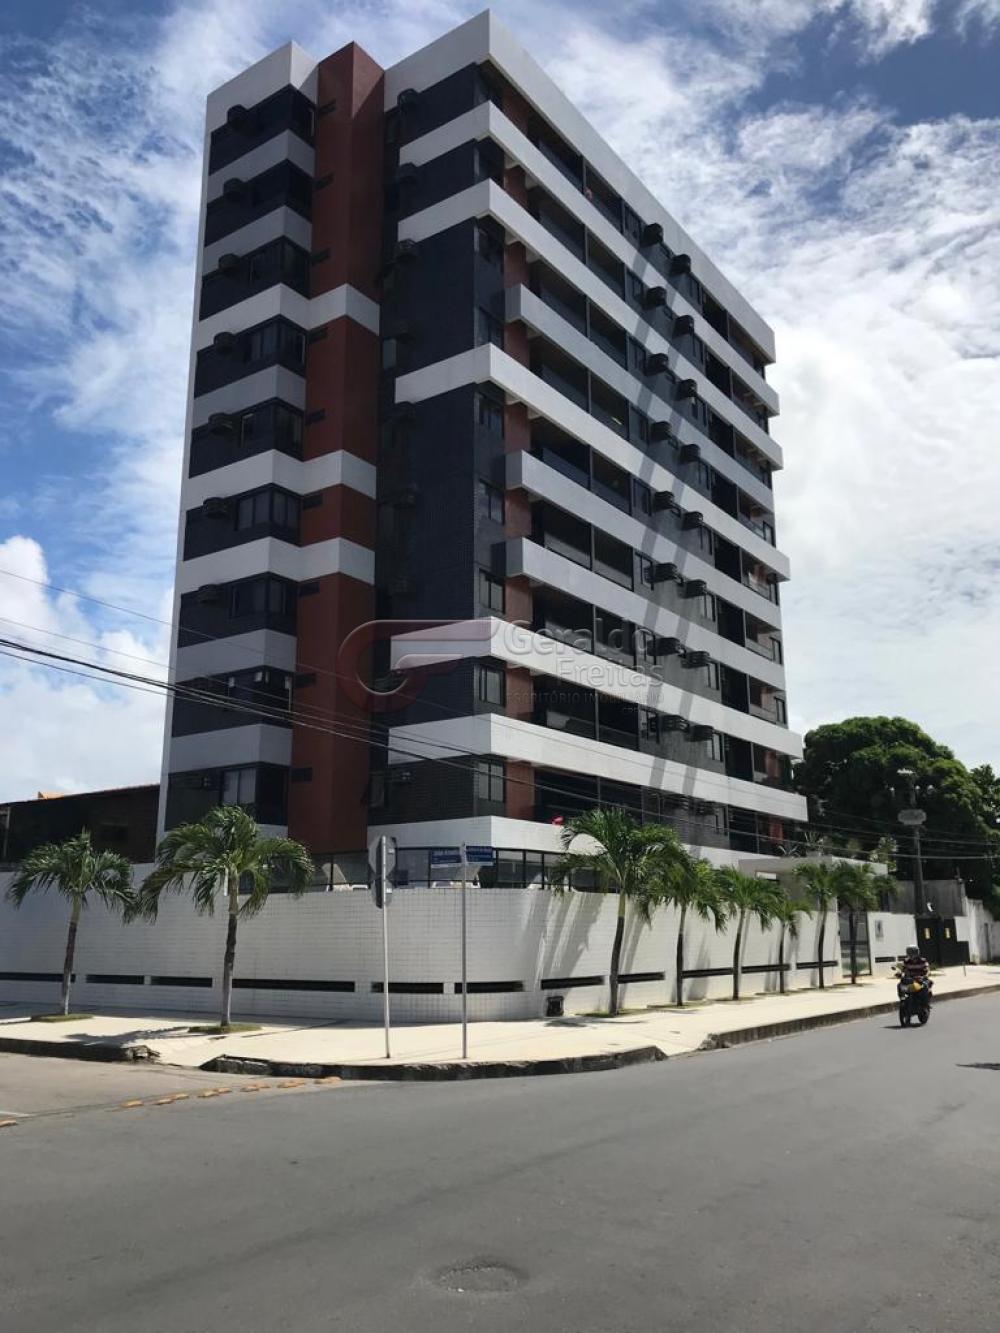 Comprar Apartamentos / Padrão em Maceió apenas R$ 440.000,00 - Foto 1